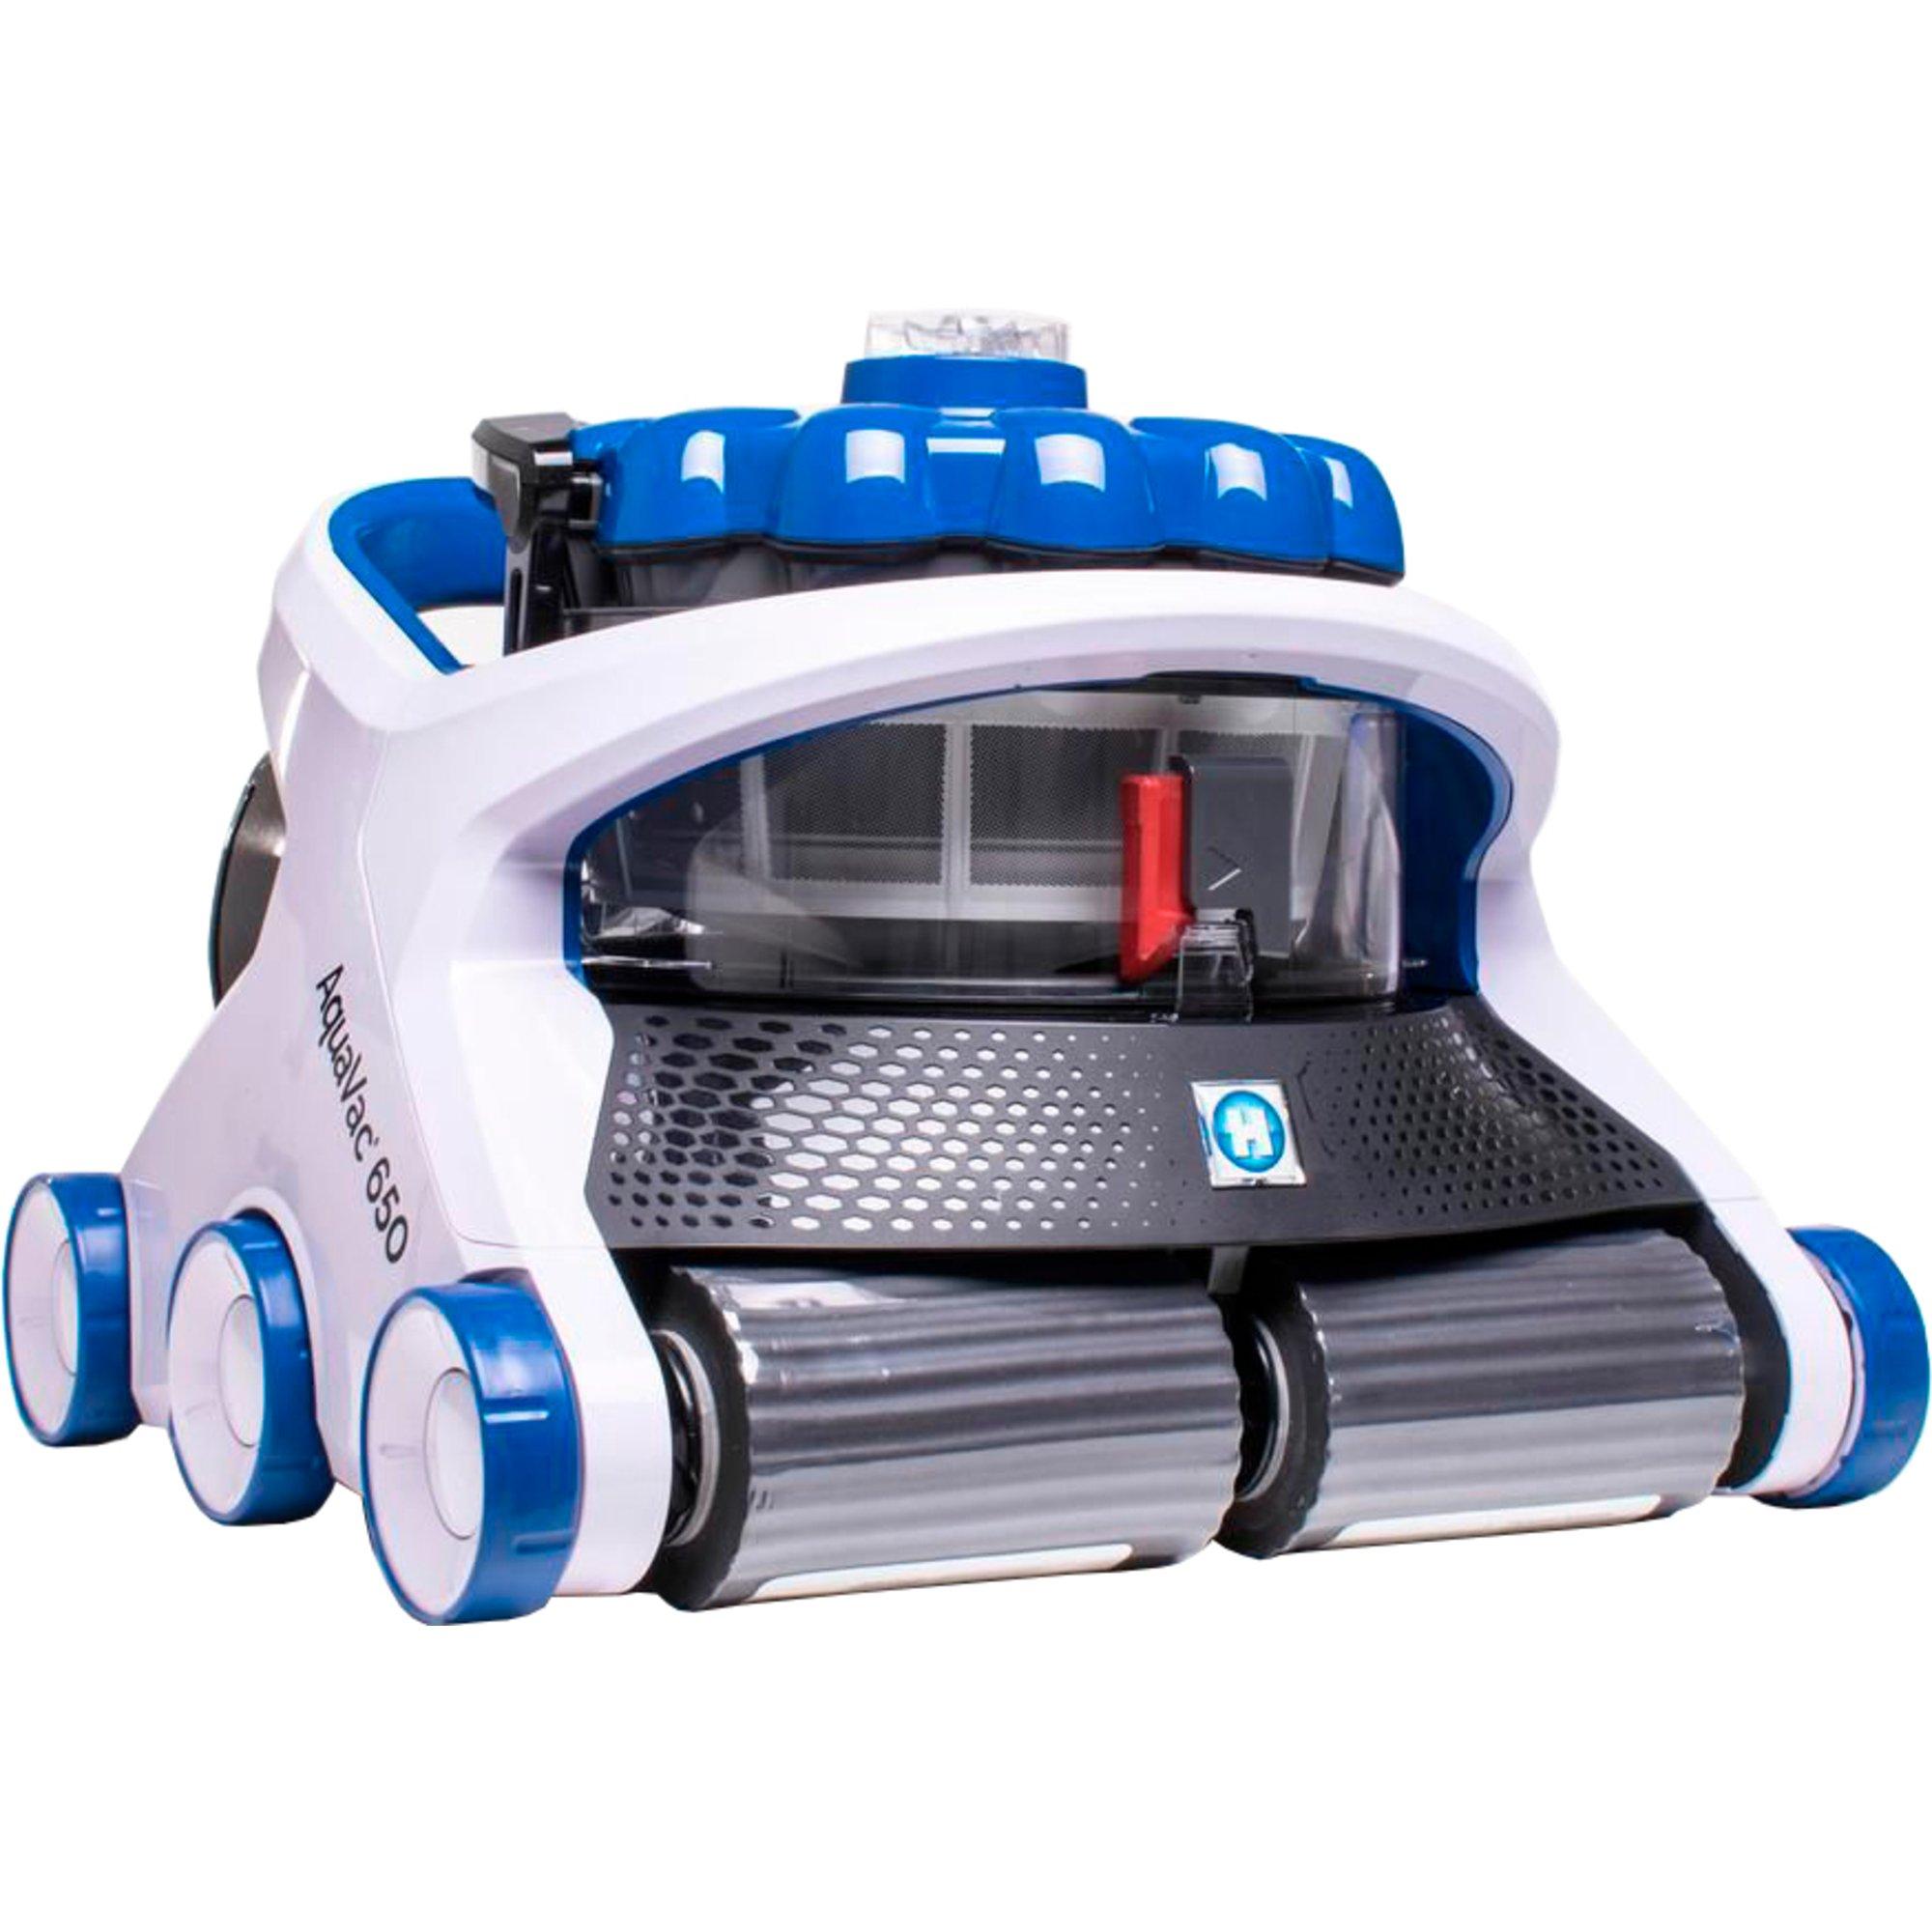 Hayward Aquavac 650 poolrobot